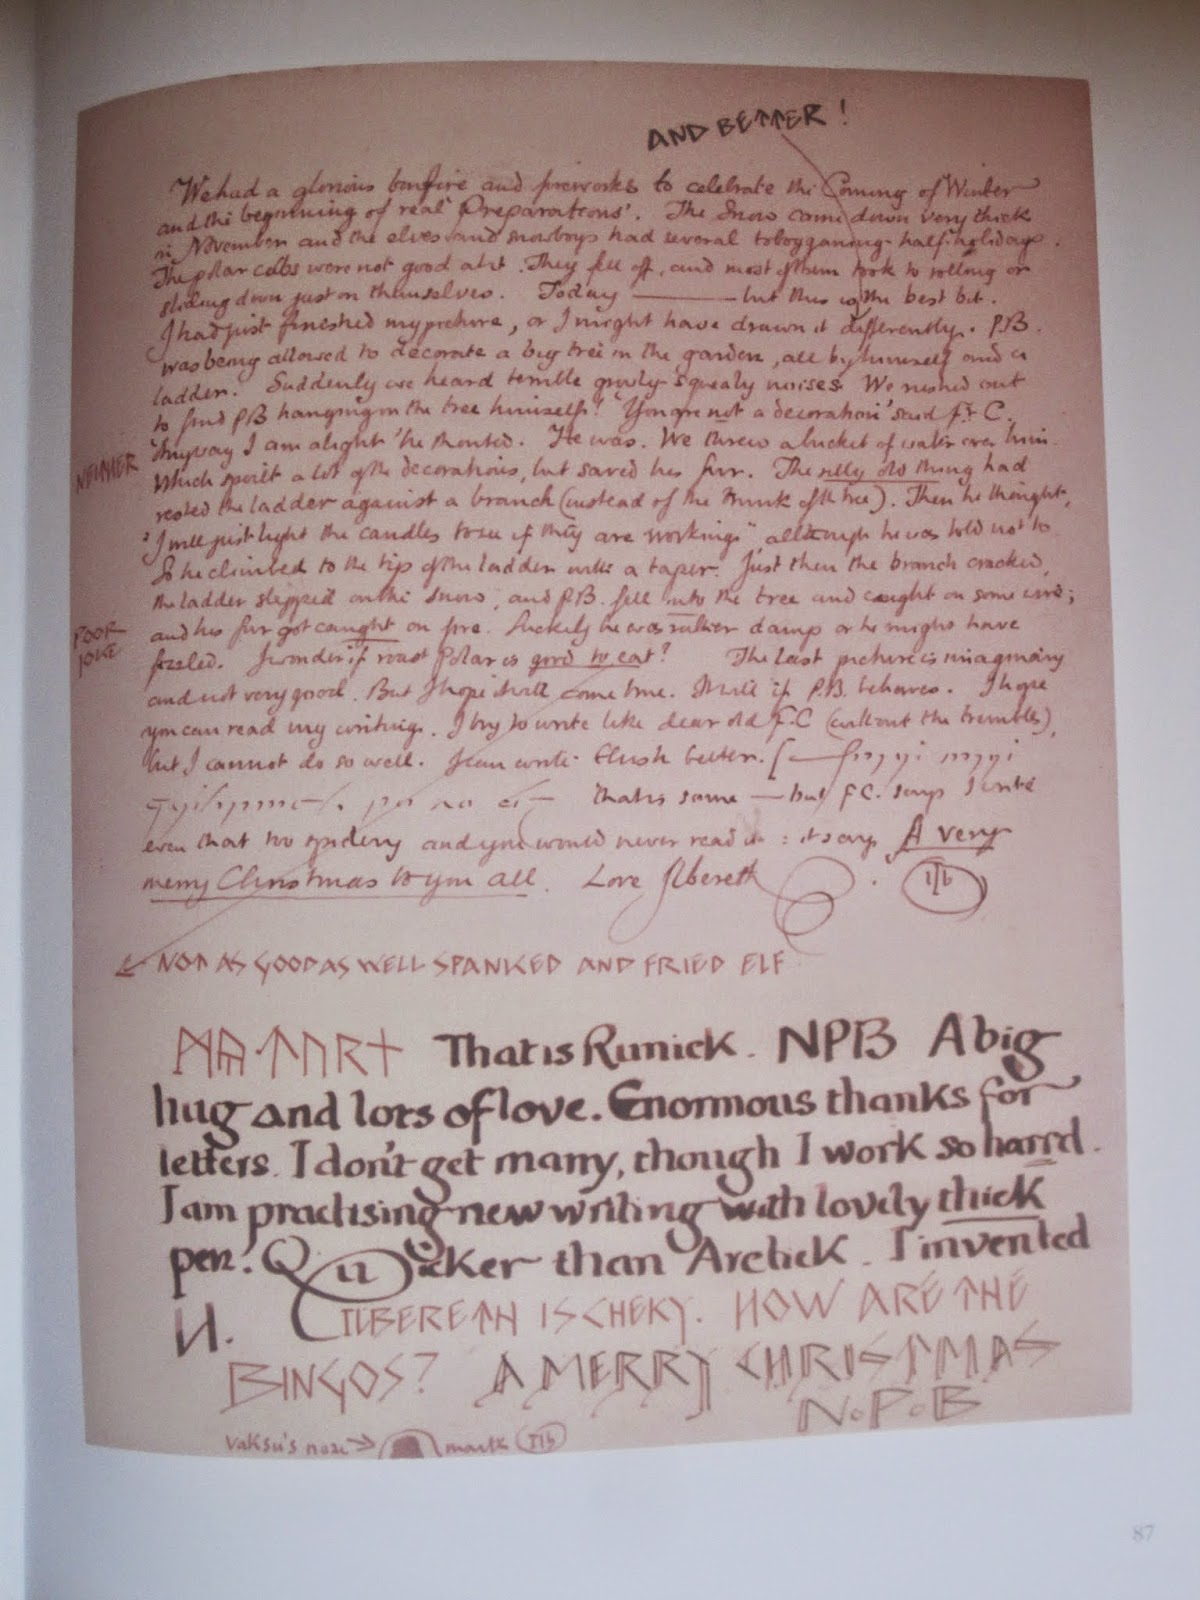 Briefe Von Tolkien : Litterae artesque tolkien john r briefe vom